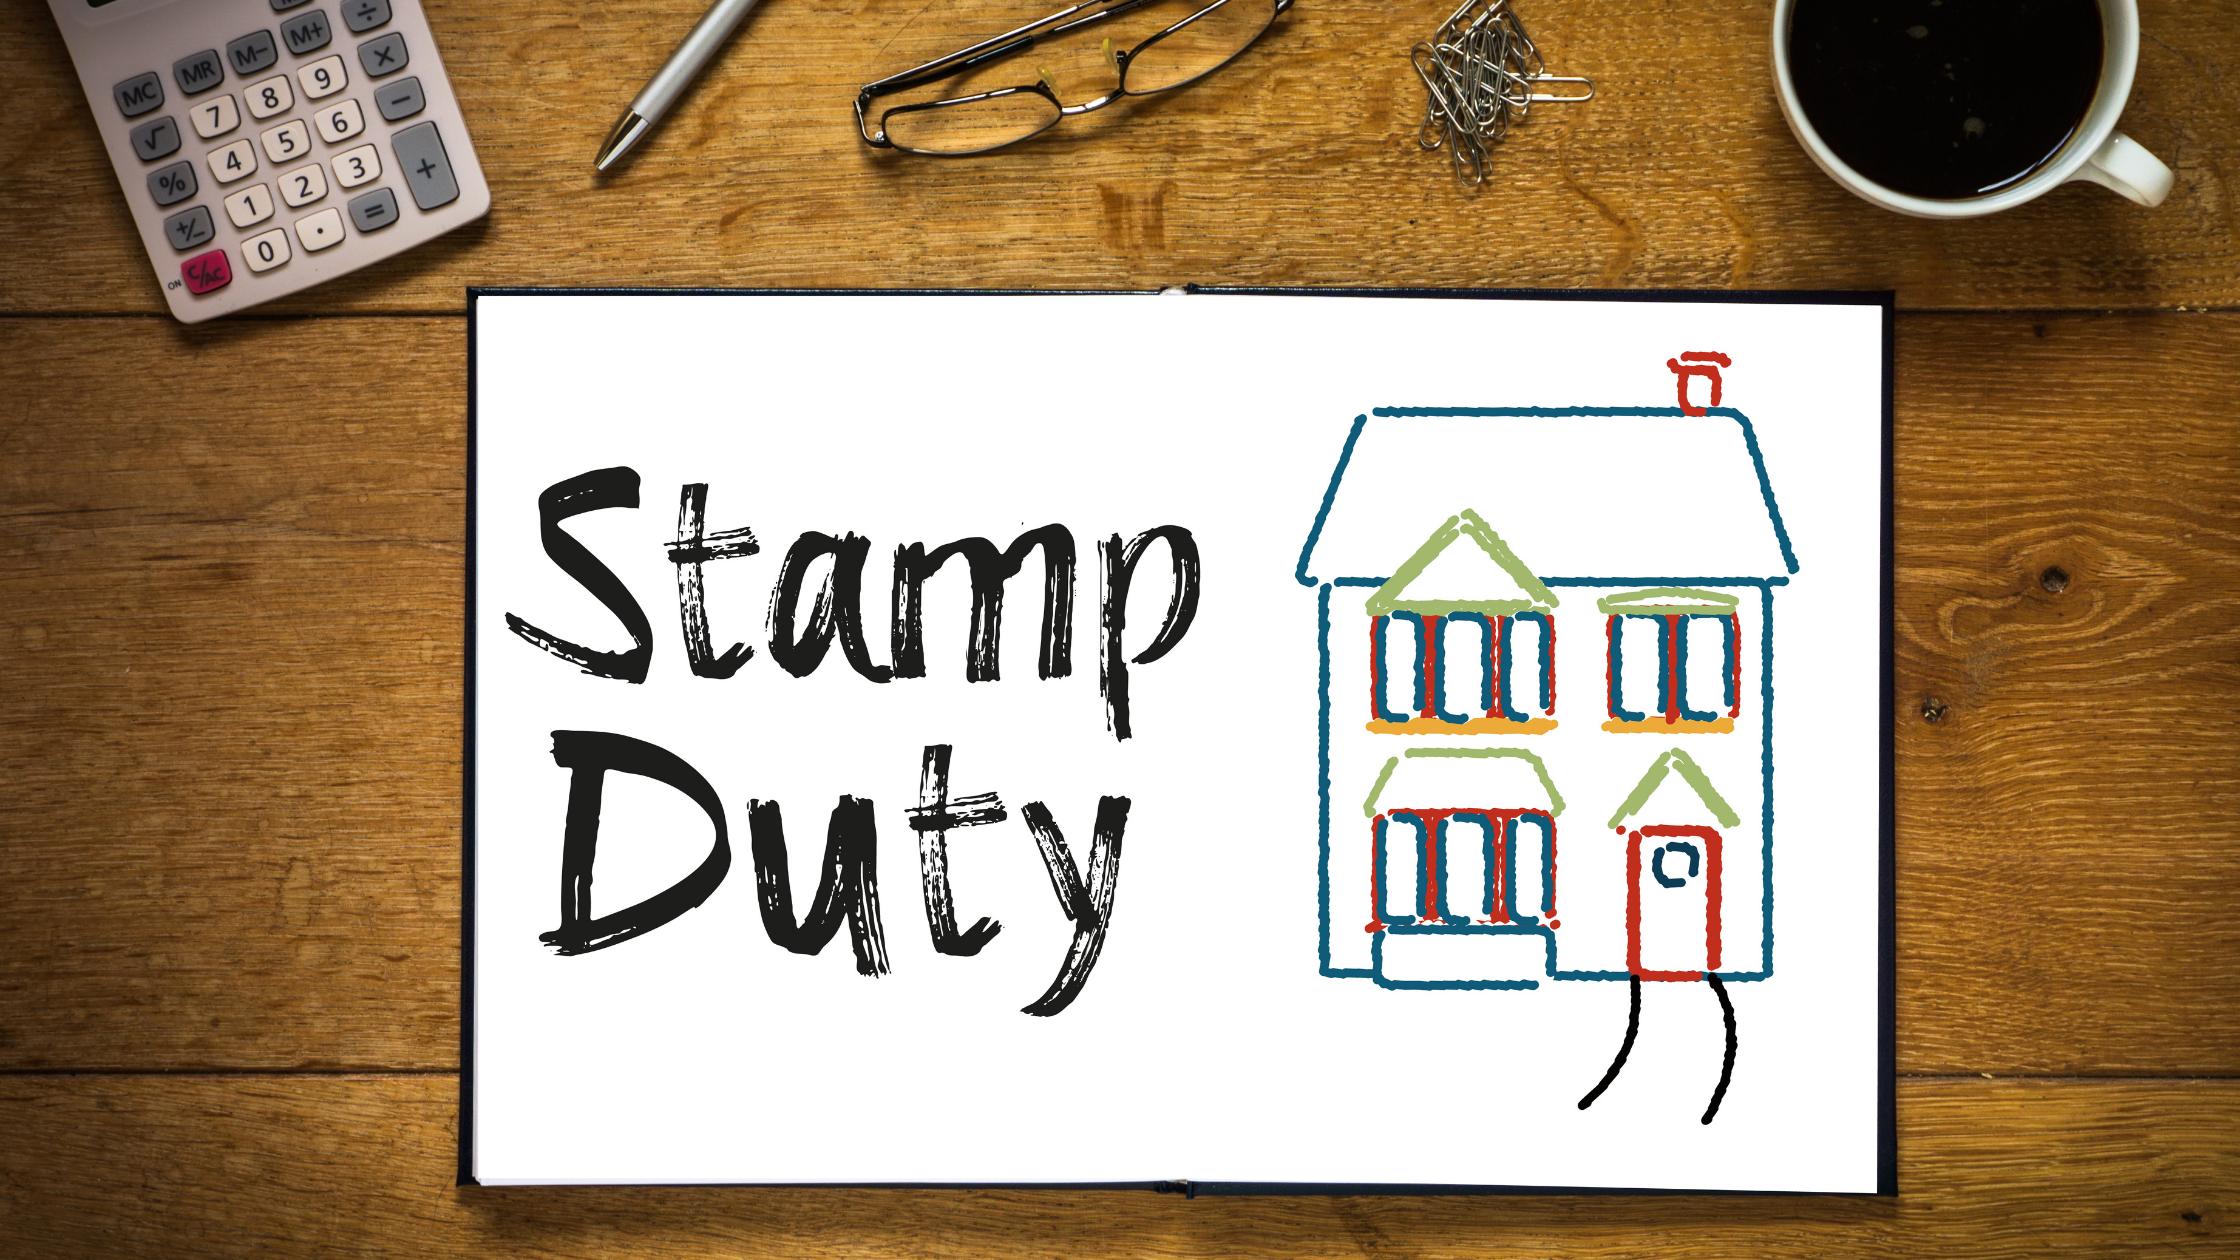 SDLT Holiday Encouraged 60% of Landlords to Increase Portfolios